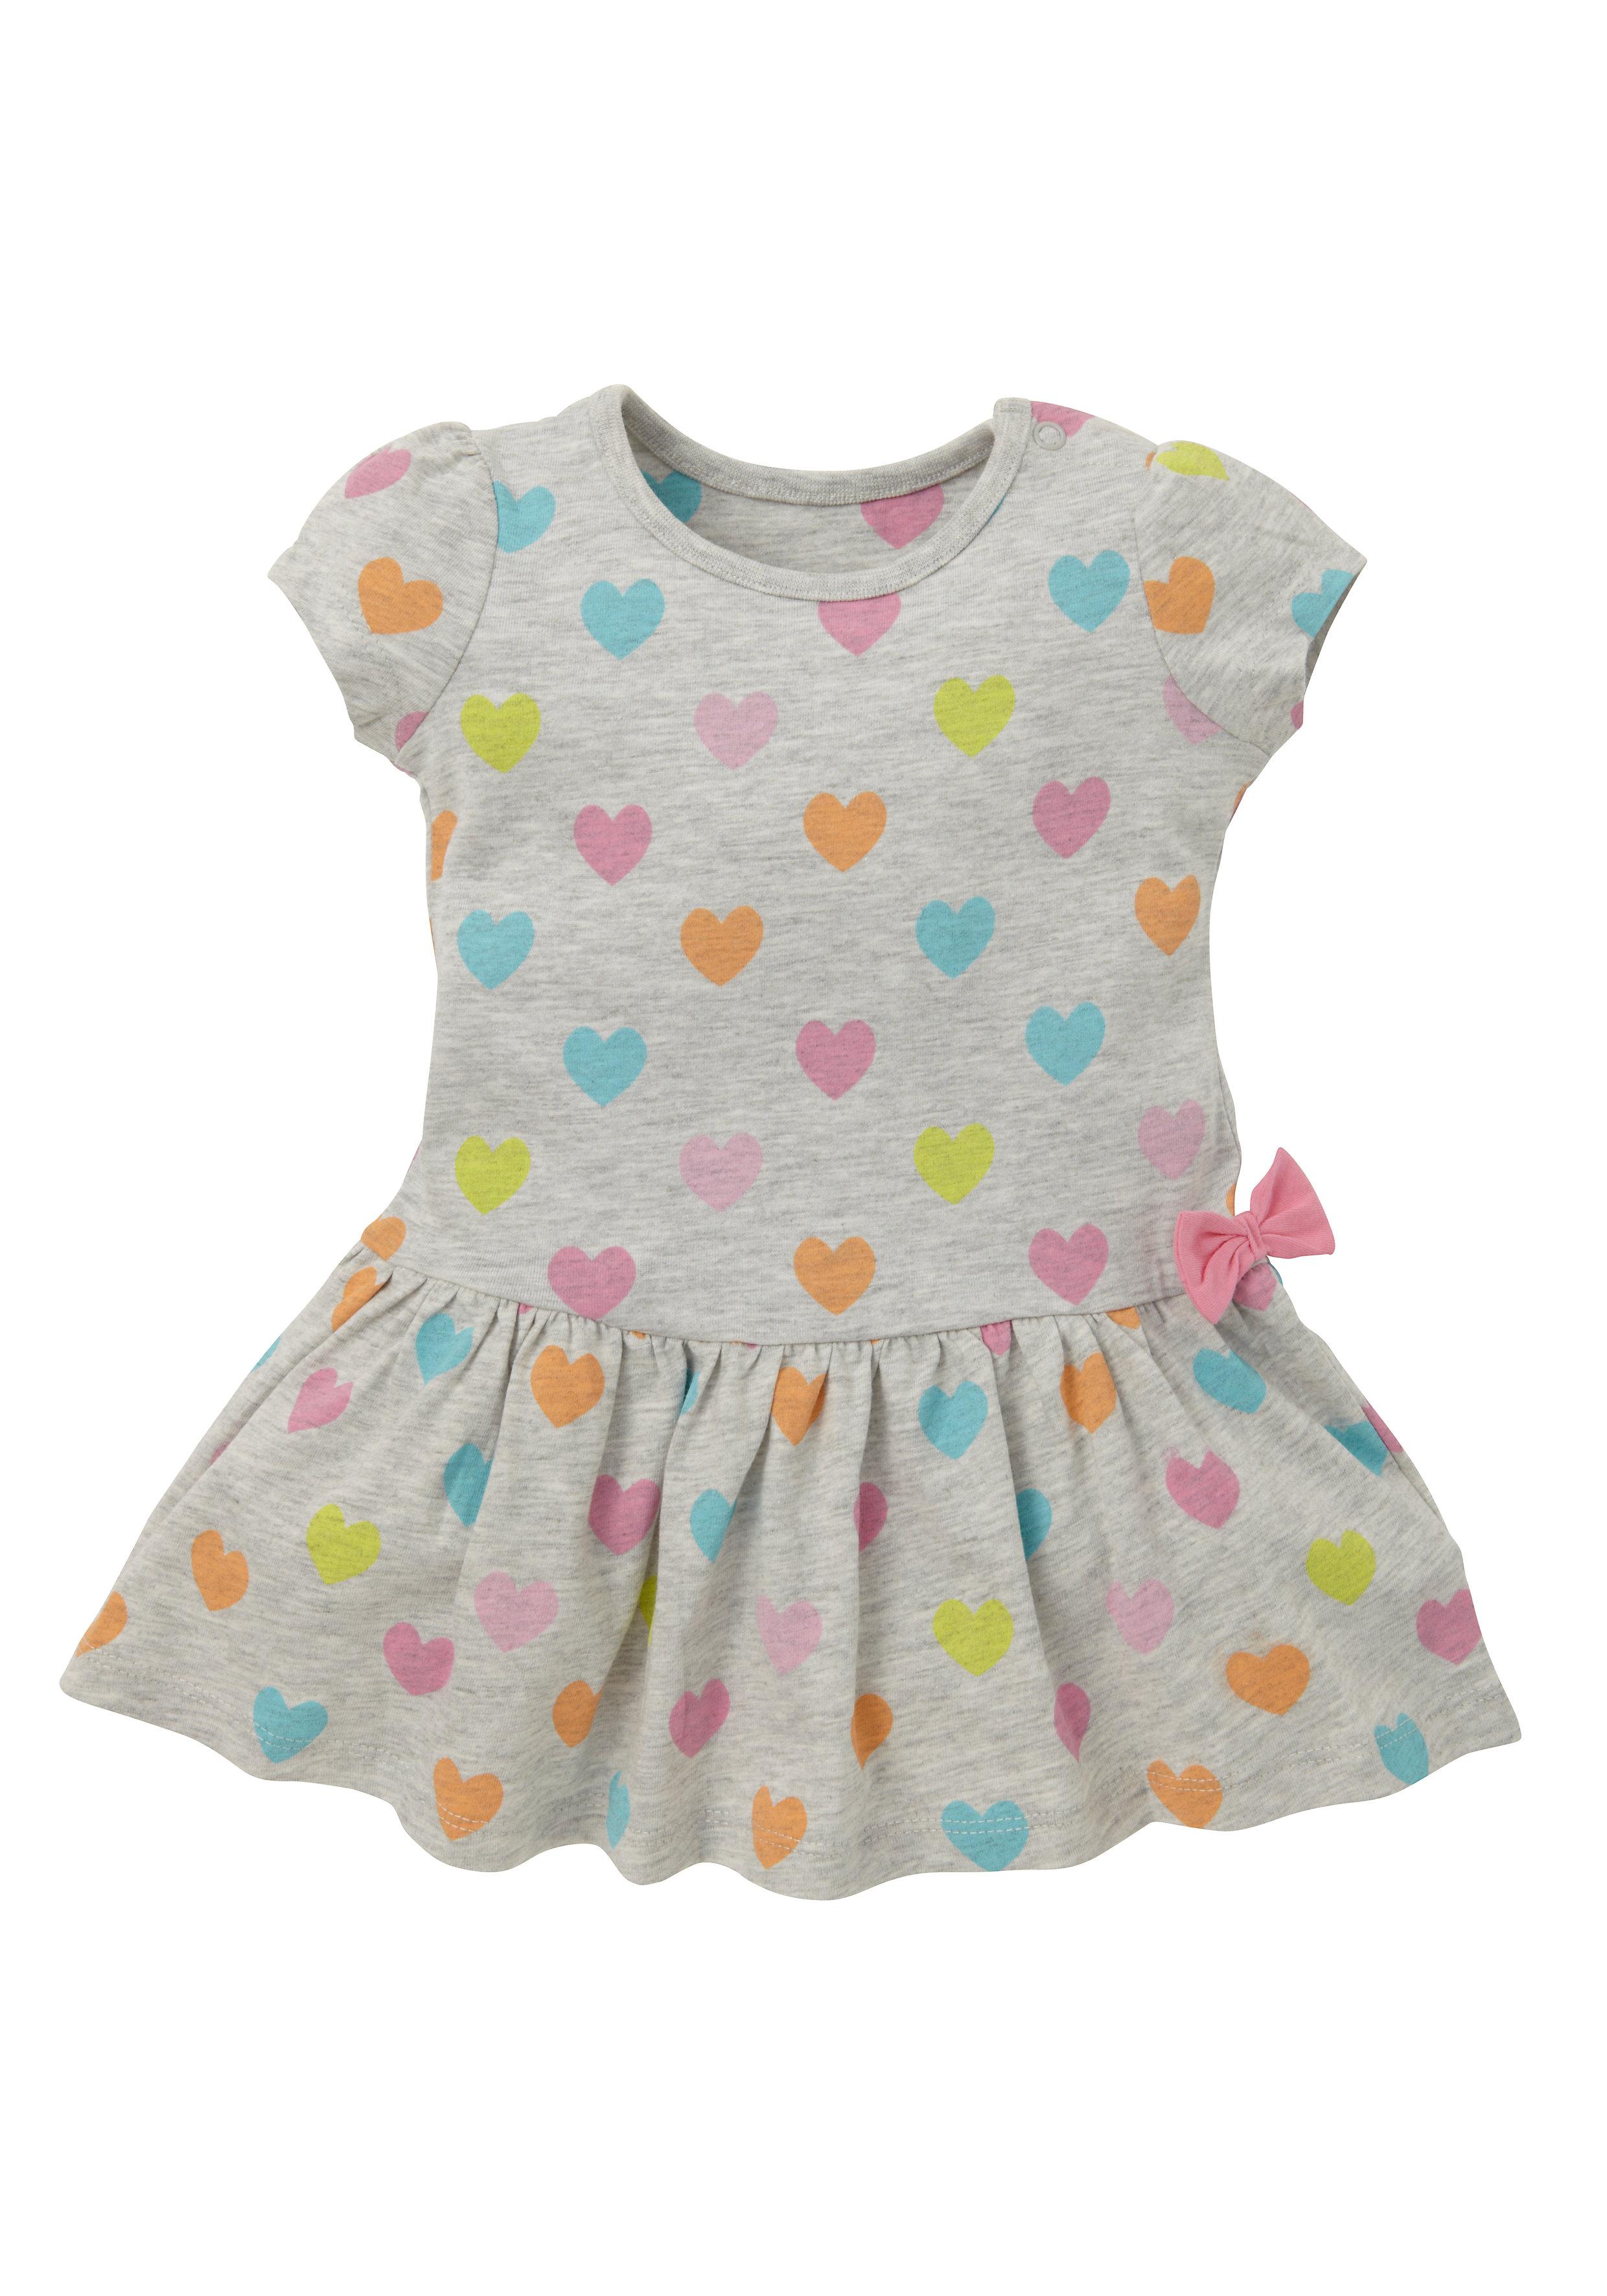 Mothercare | Girls Heart Print Jersey Dress